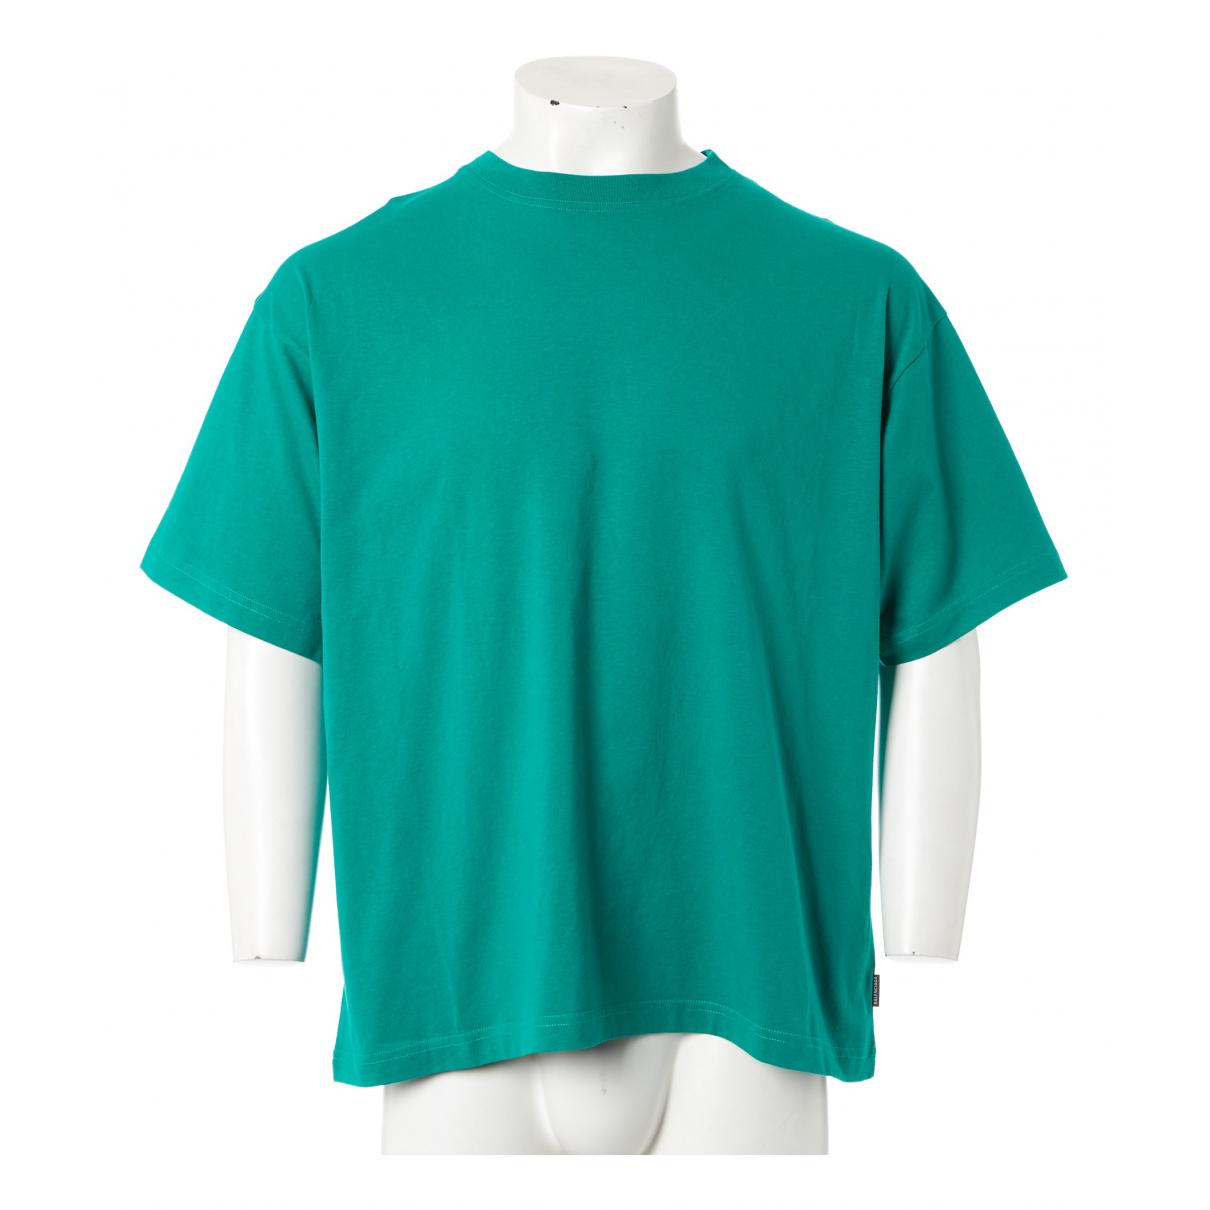 Balenciaga - Tee shirts   pour homme en coton - vert